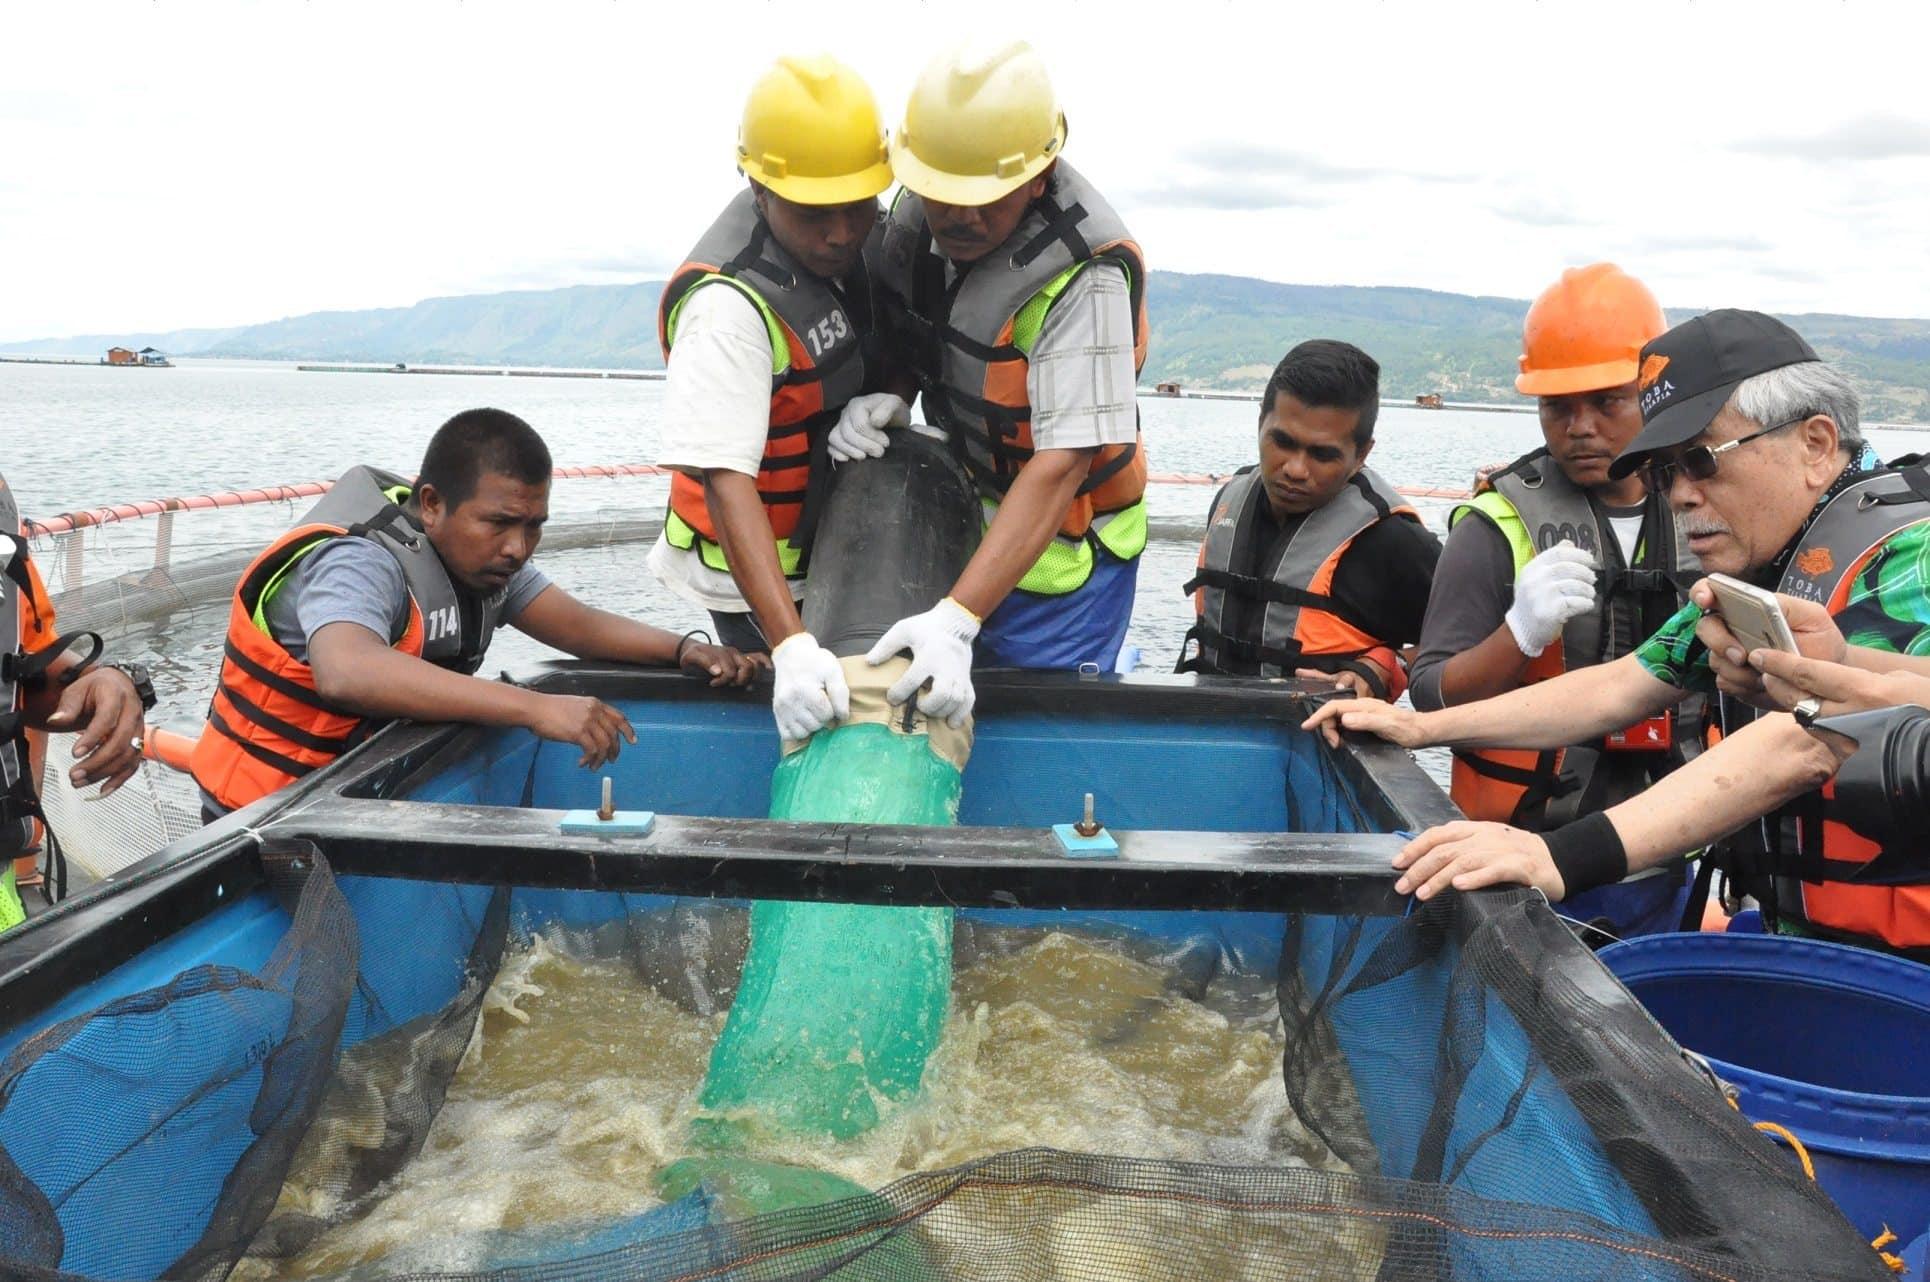 Tinjau Keramba Ikan Guna Memajukan Pariwisata Danau Toba